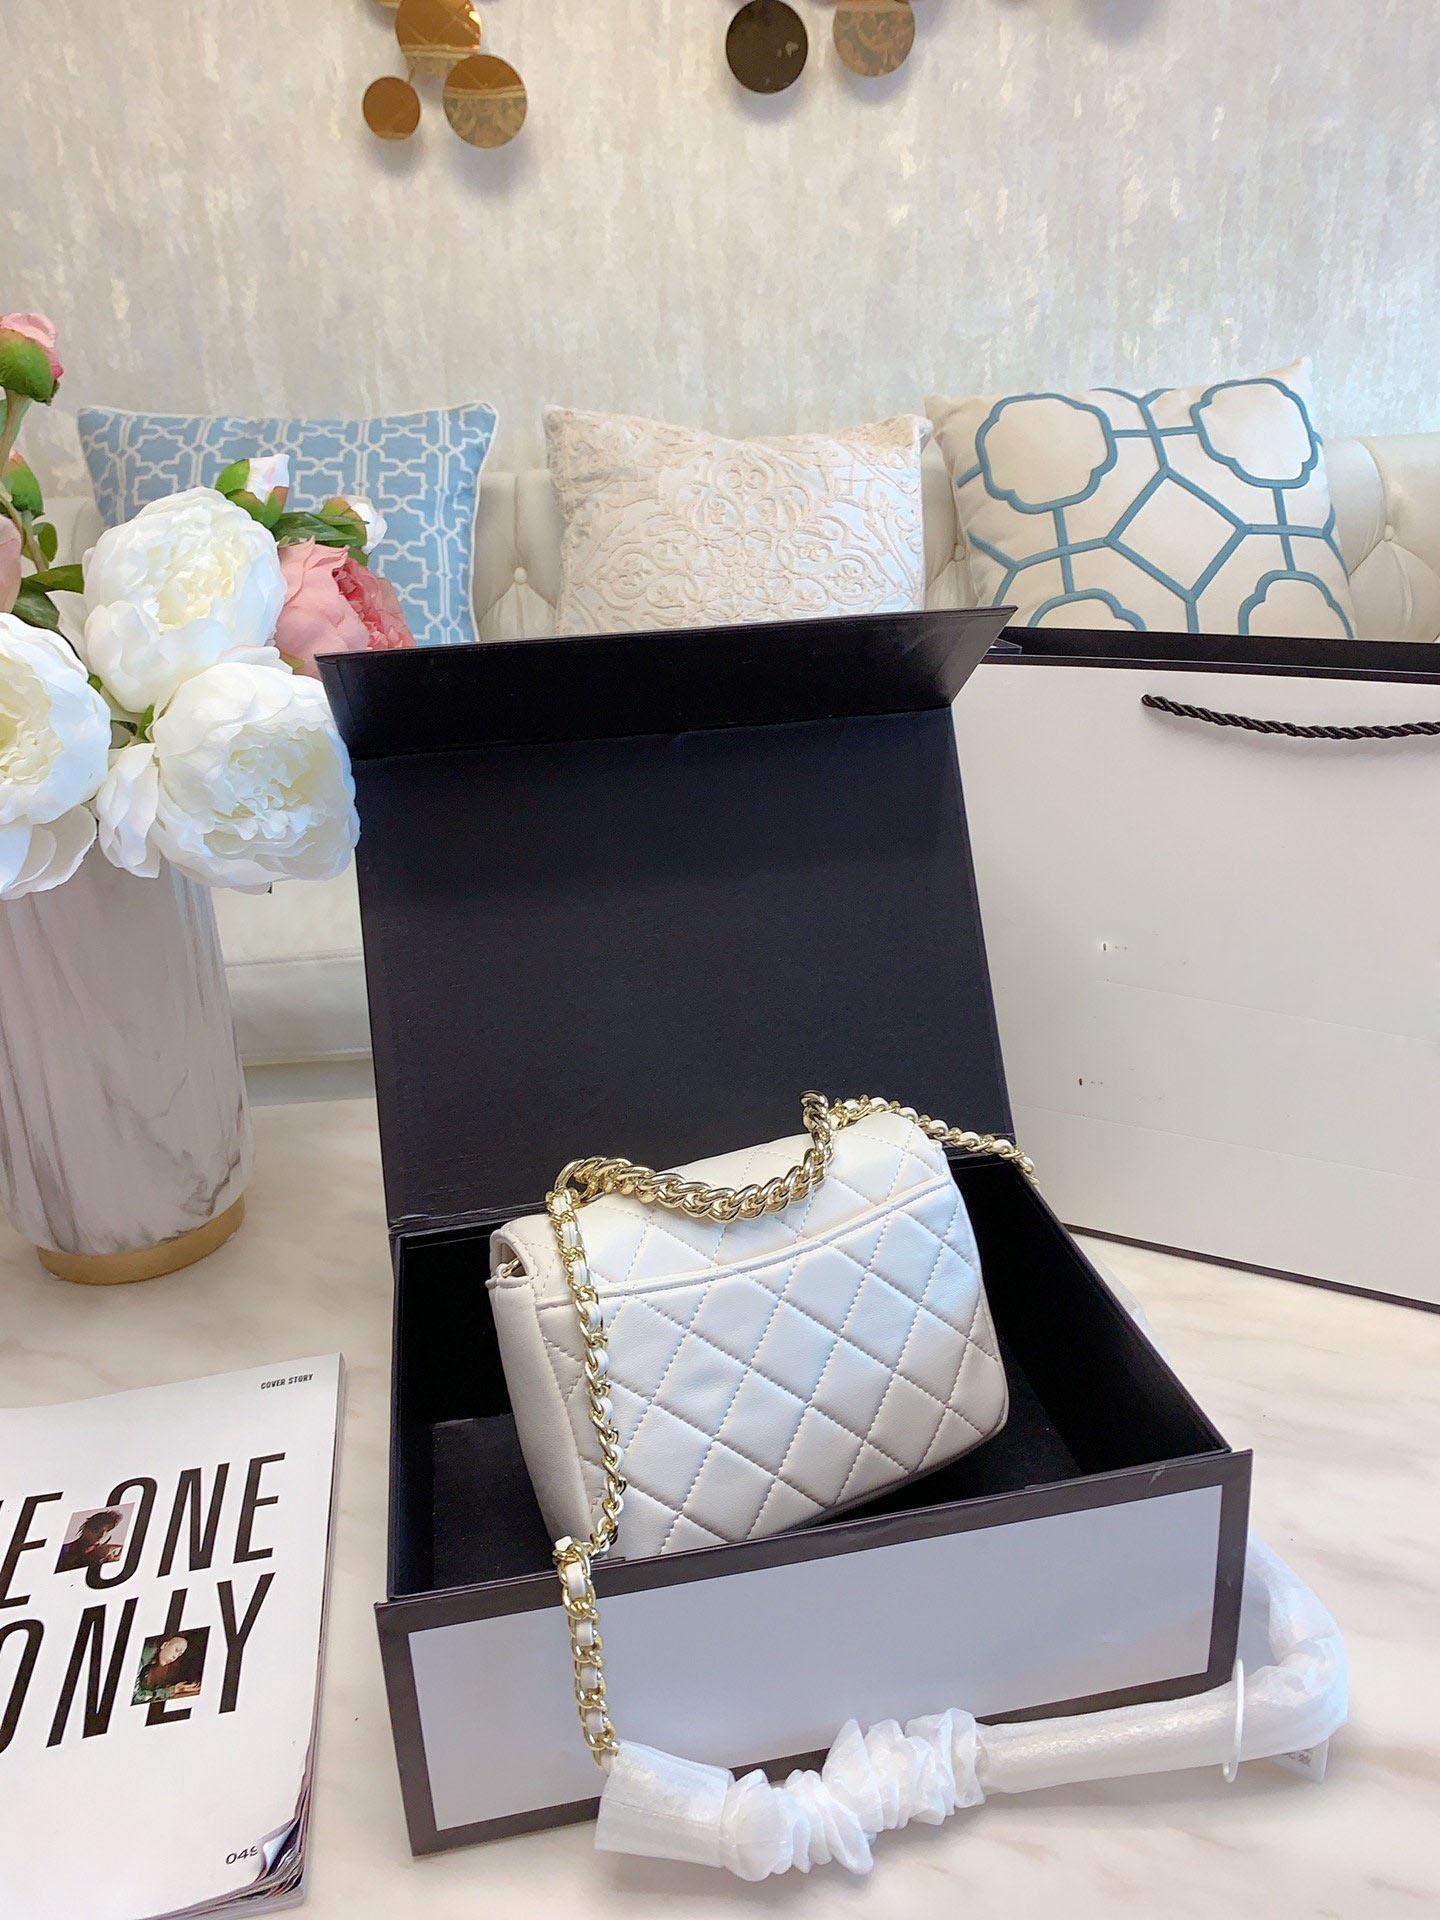 Çivili yuvarlak çanta 2020 kadın lüks tasarımcı çantalar sırt çantası cüzdan tasarımcı crossbody çanta çanta tasarımcısı çanta